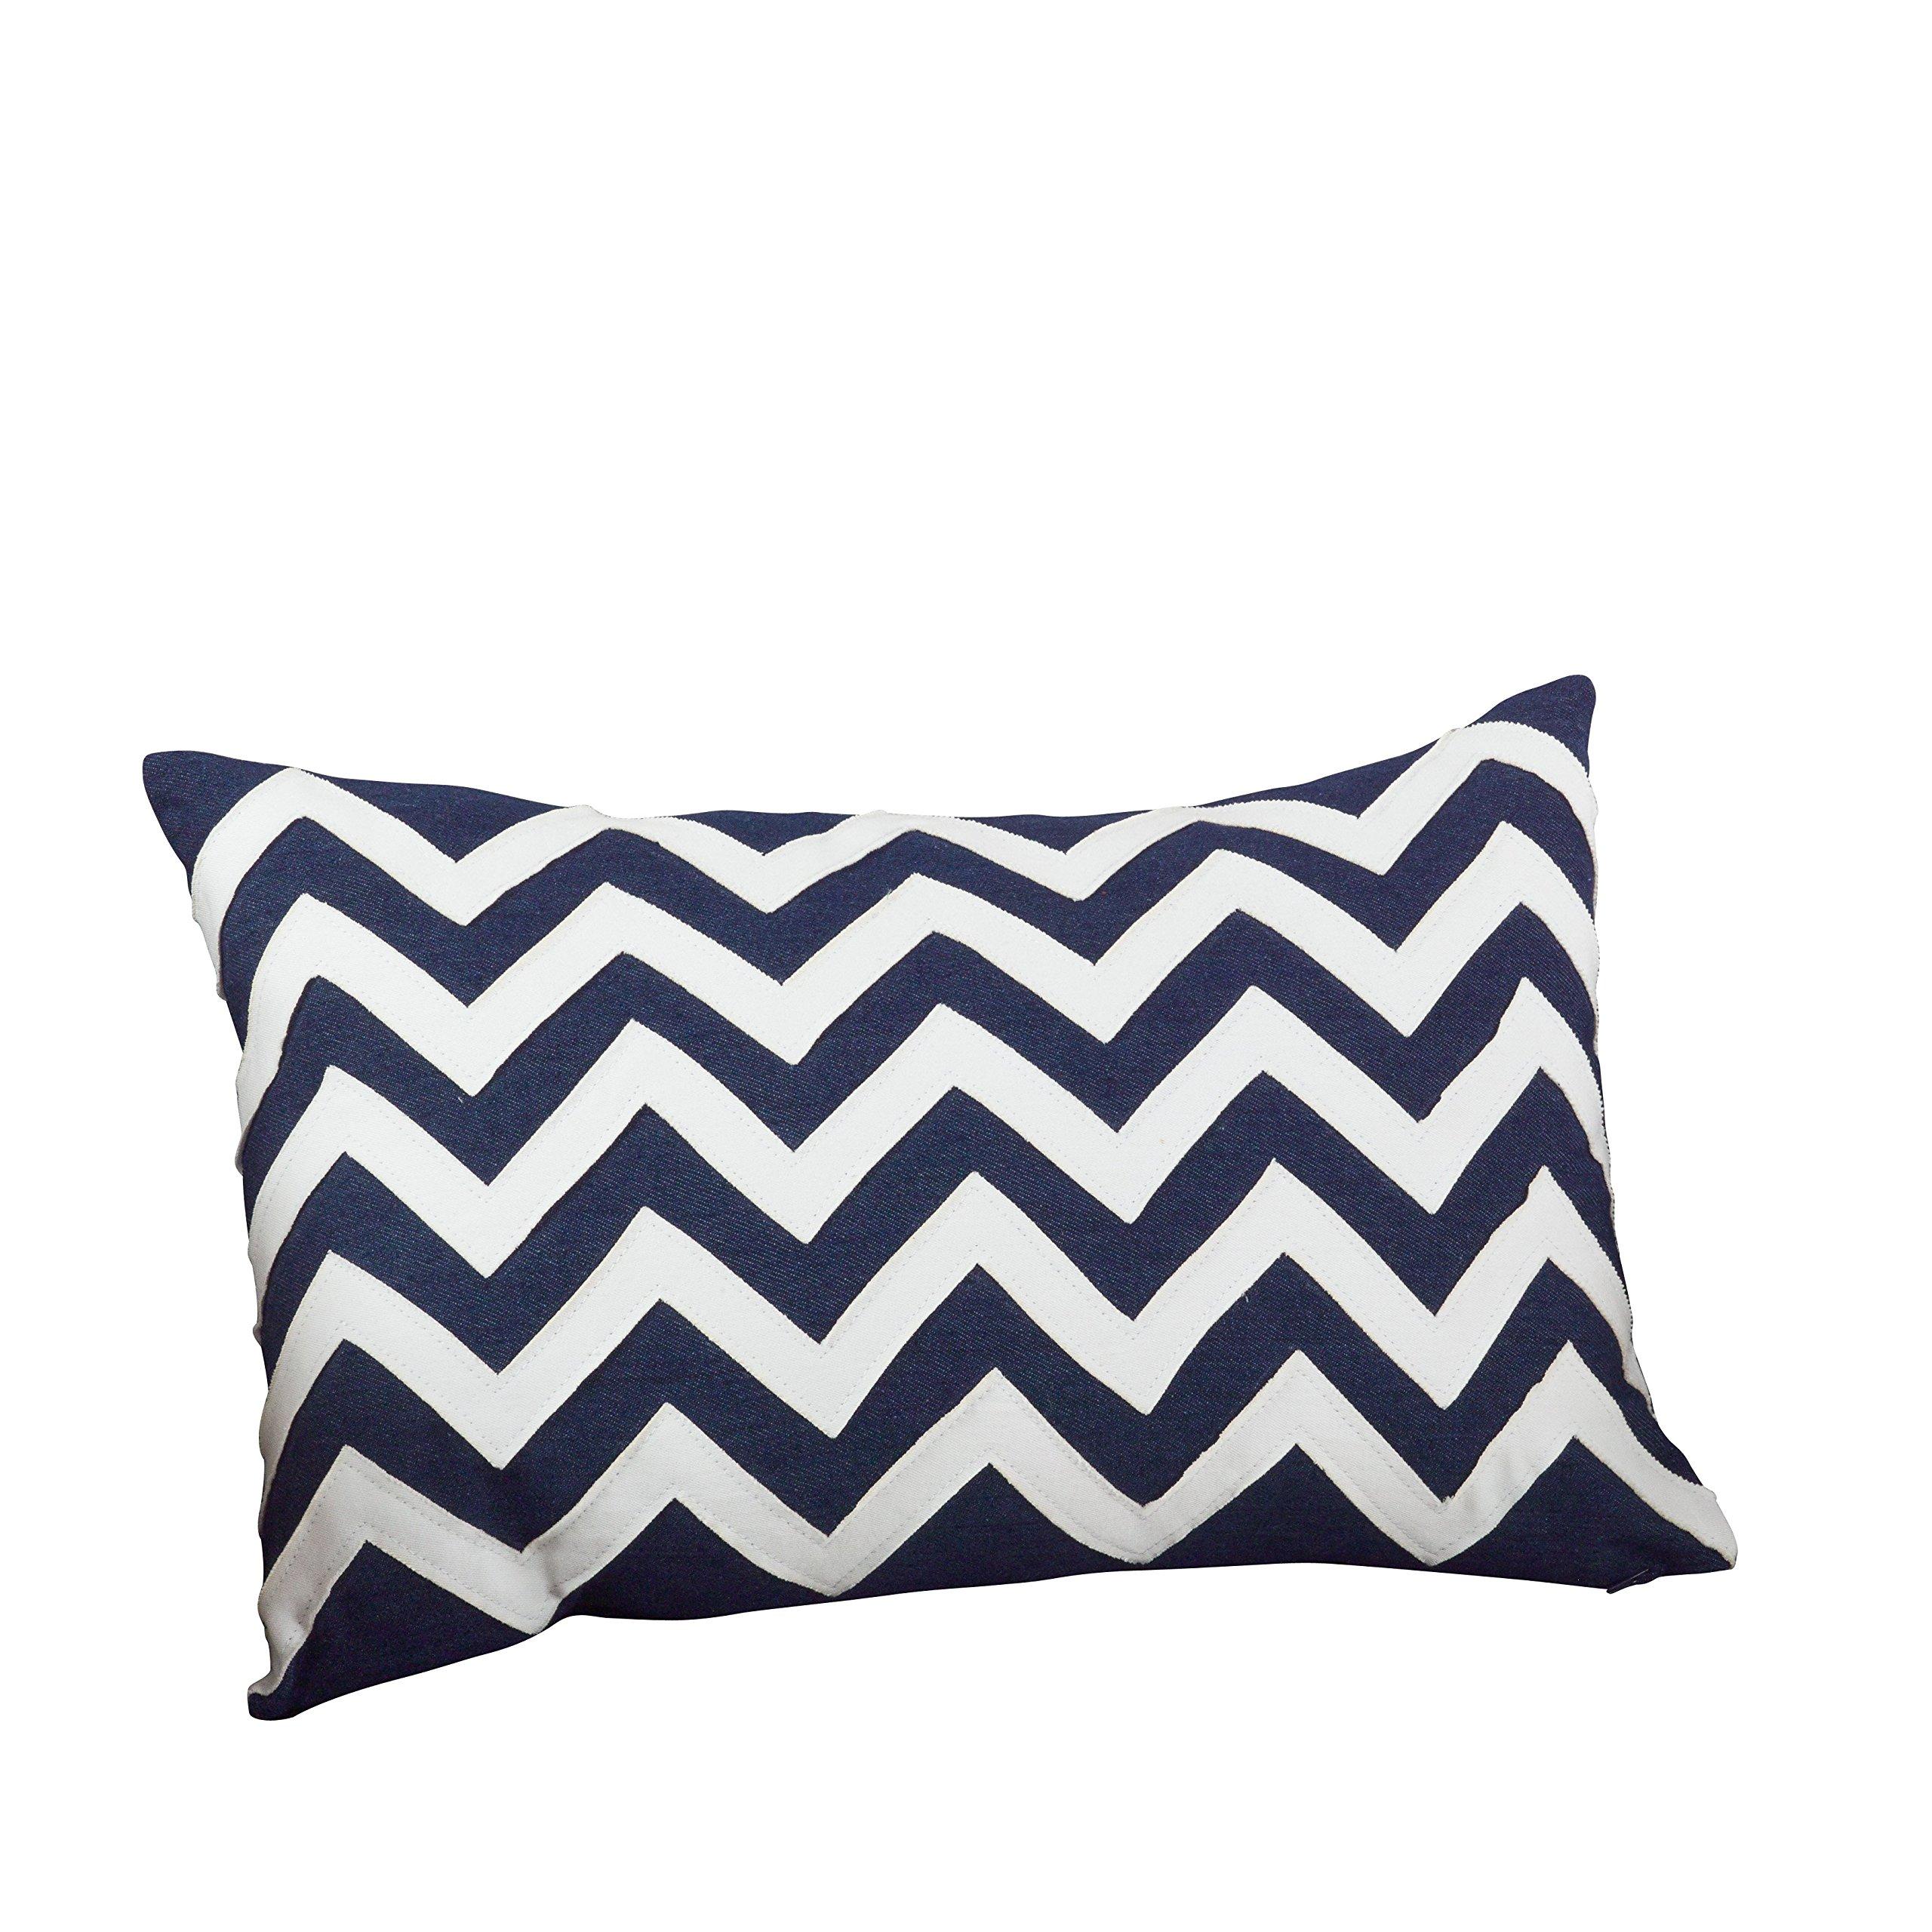 SARO LIFESTYLE 066.NB1320B Chevron Down Filled Throw Pillow, Navy Blue, 13''x20''